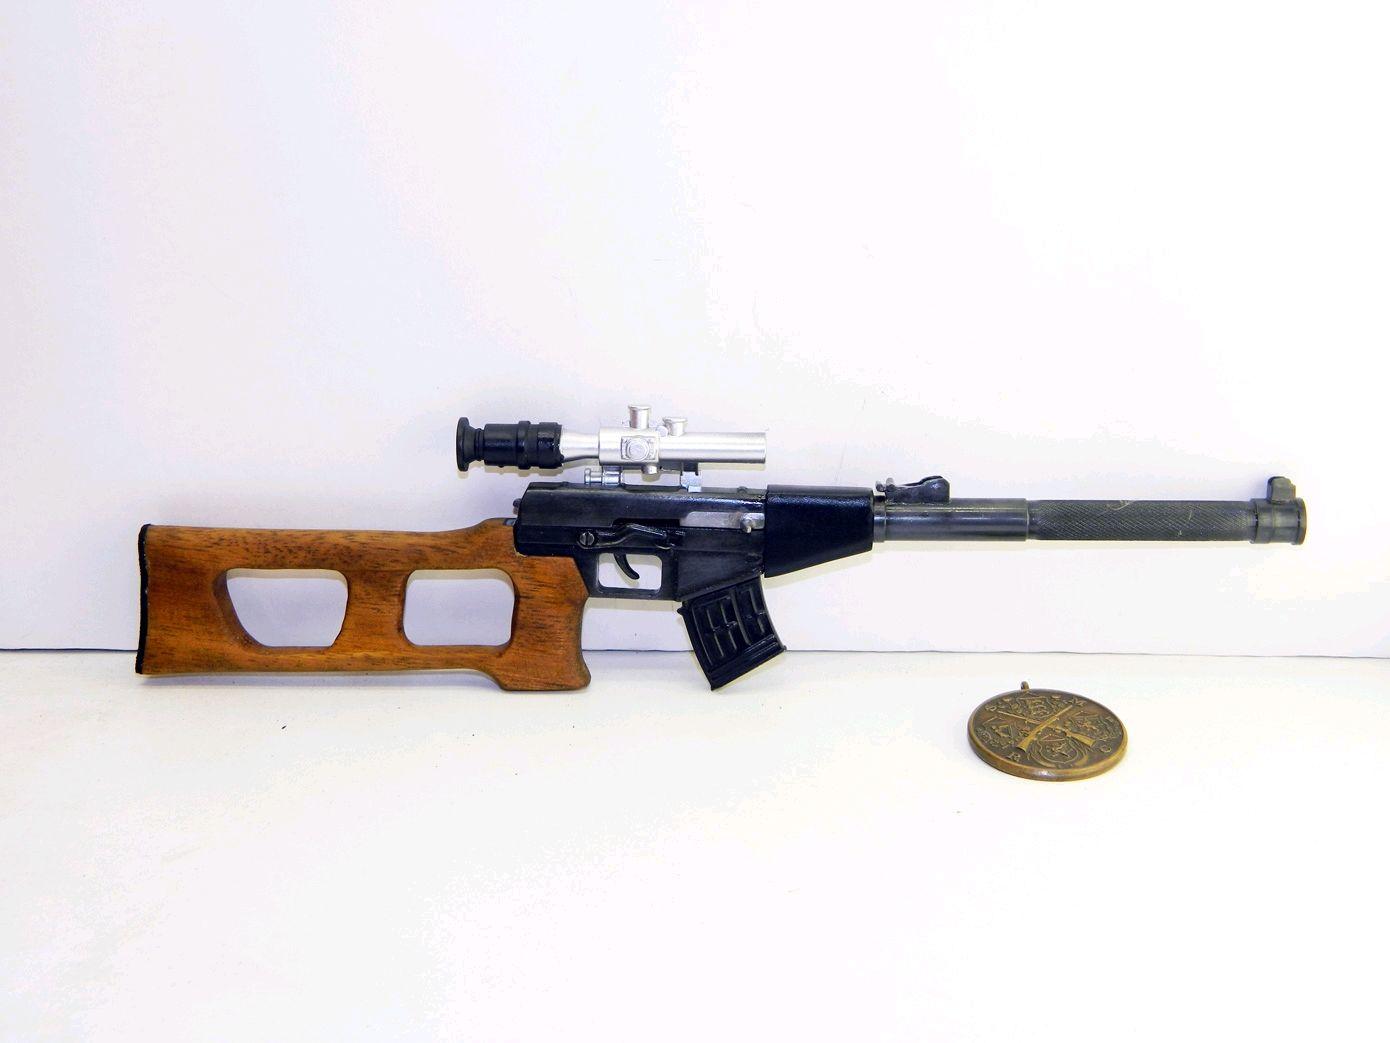 Миниатюрное оружие винтовка ВСС Винторез масштаб 1:3, Военная миниатюра, Москва,  Фото №1